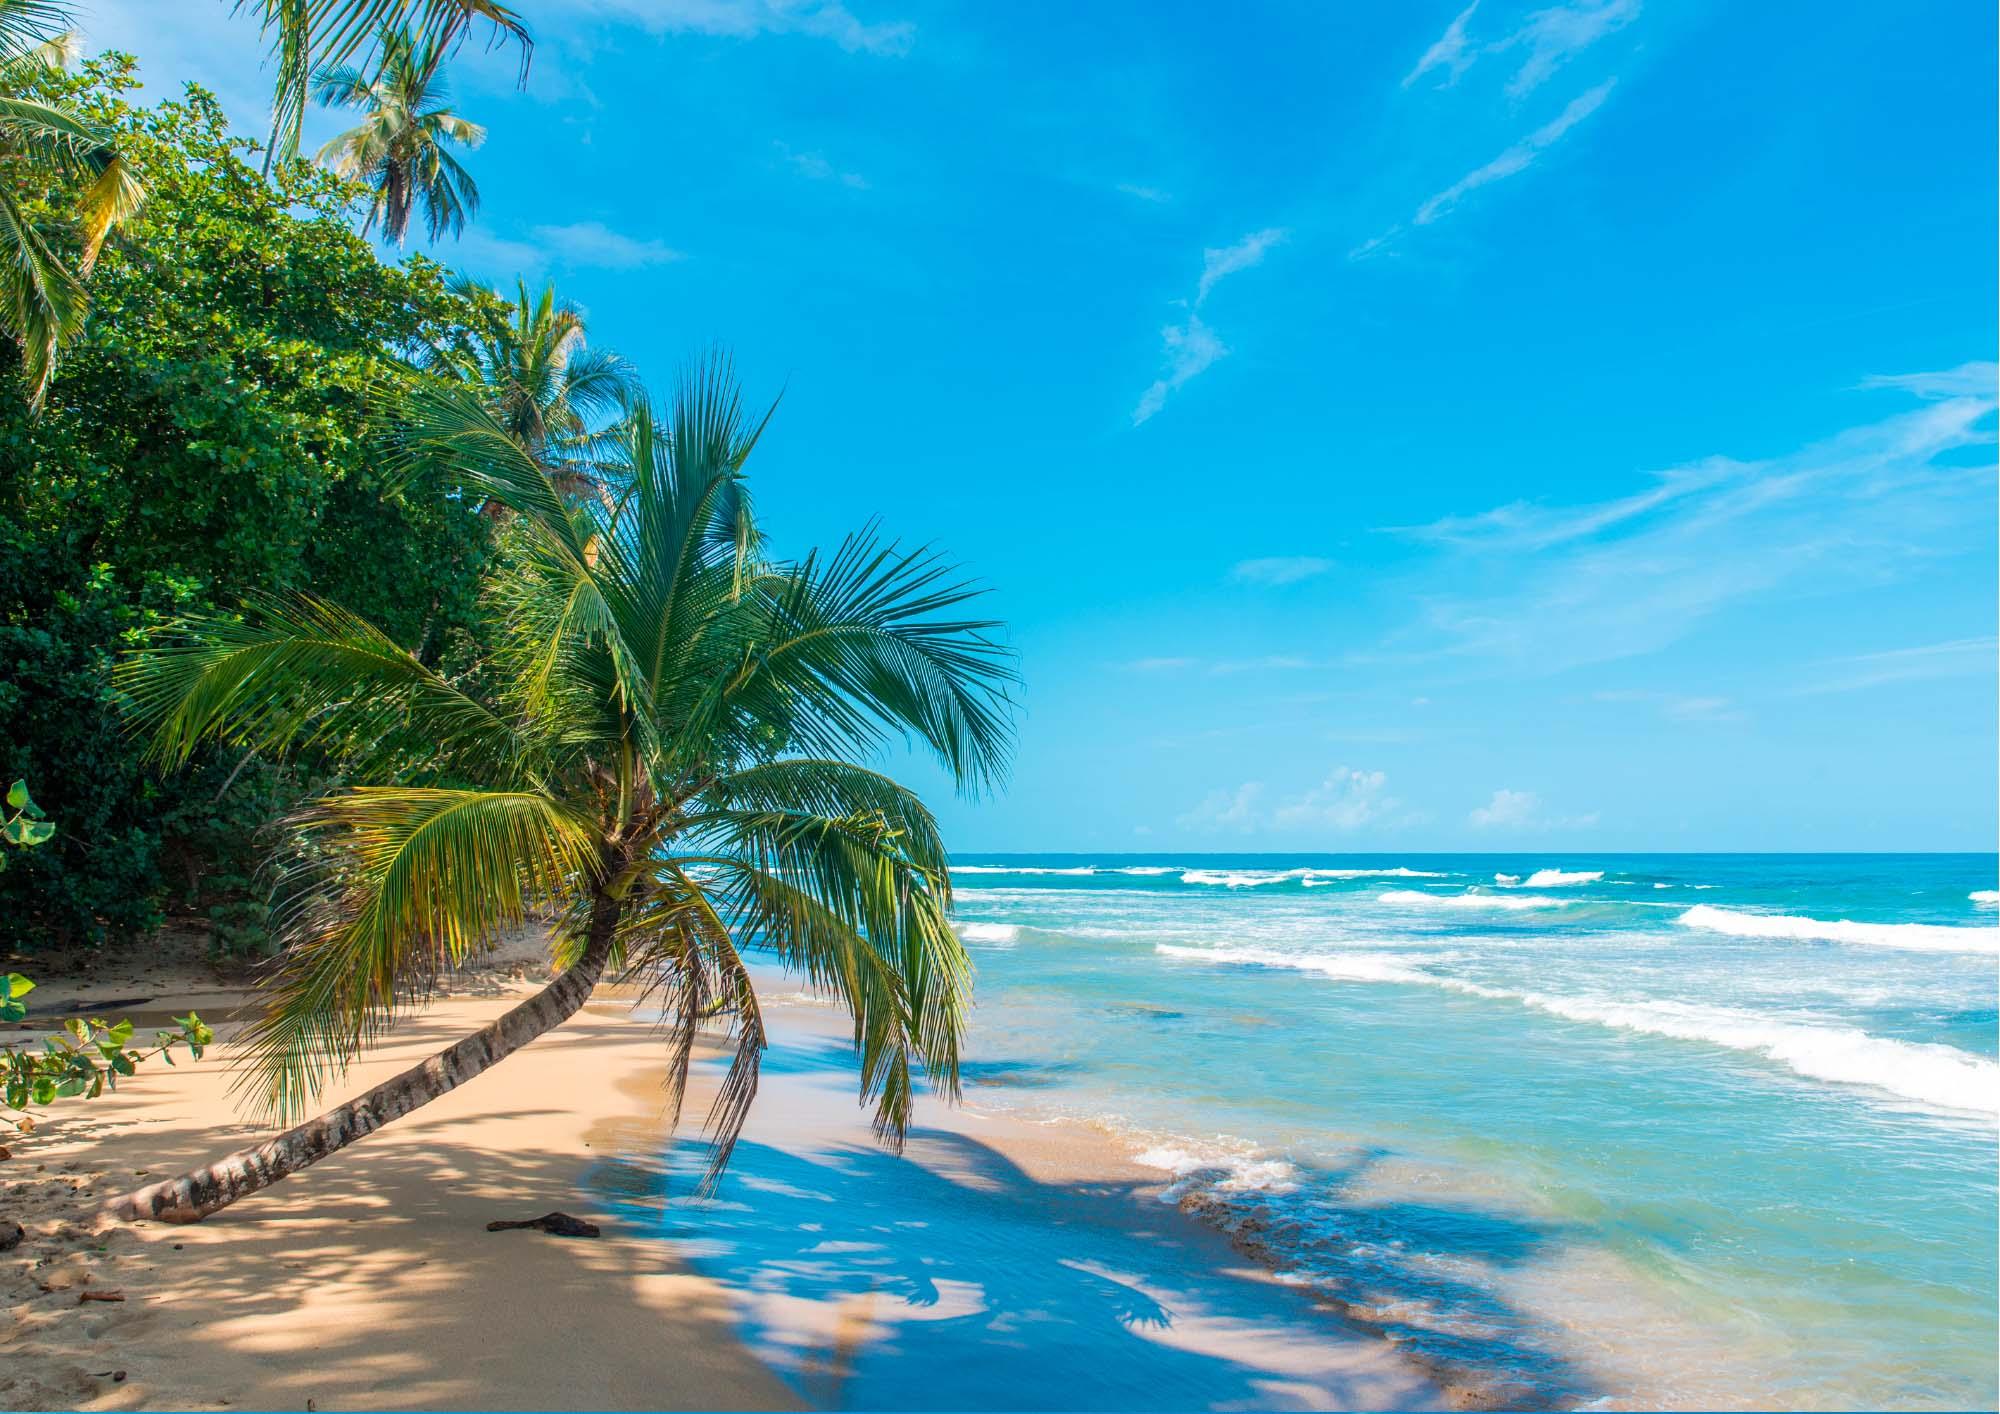 Spiaggia tropicale con un mare cristallino e cielo azzurro